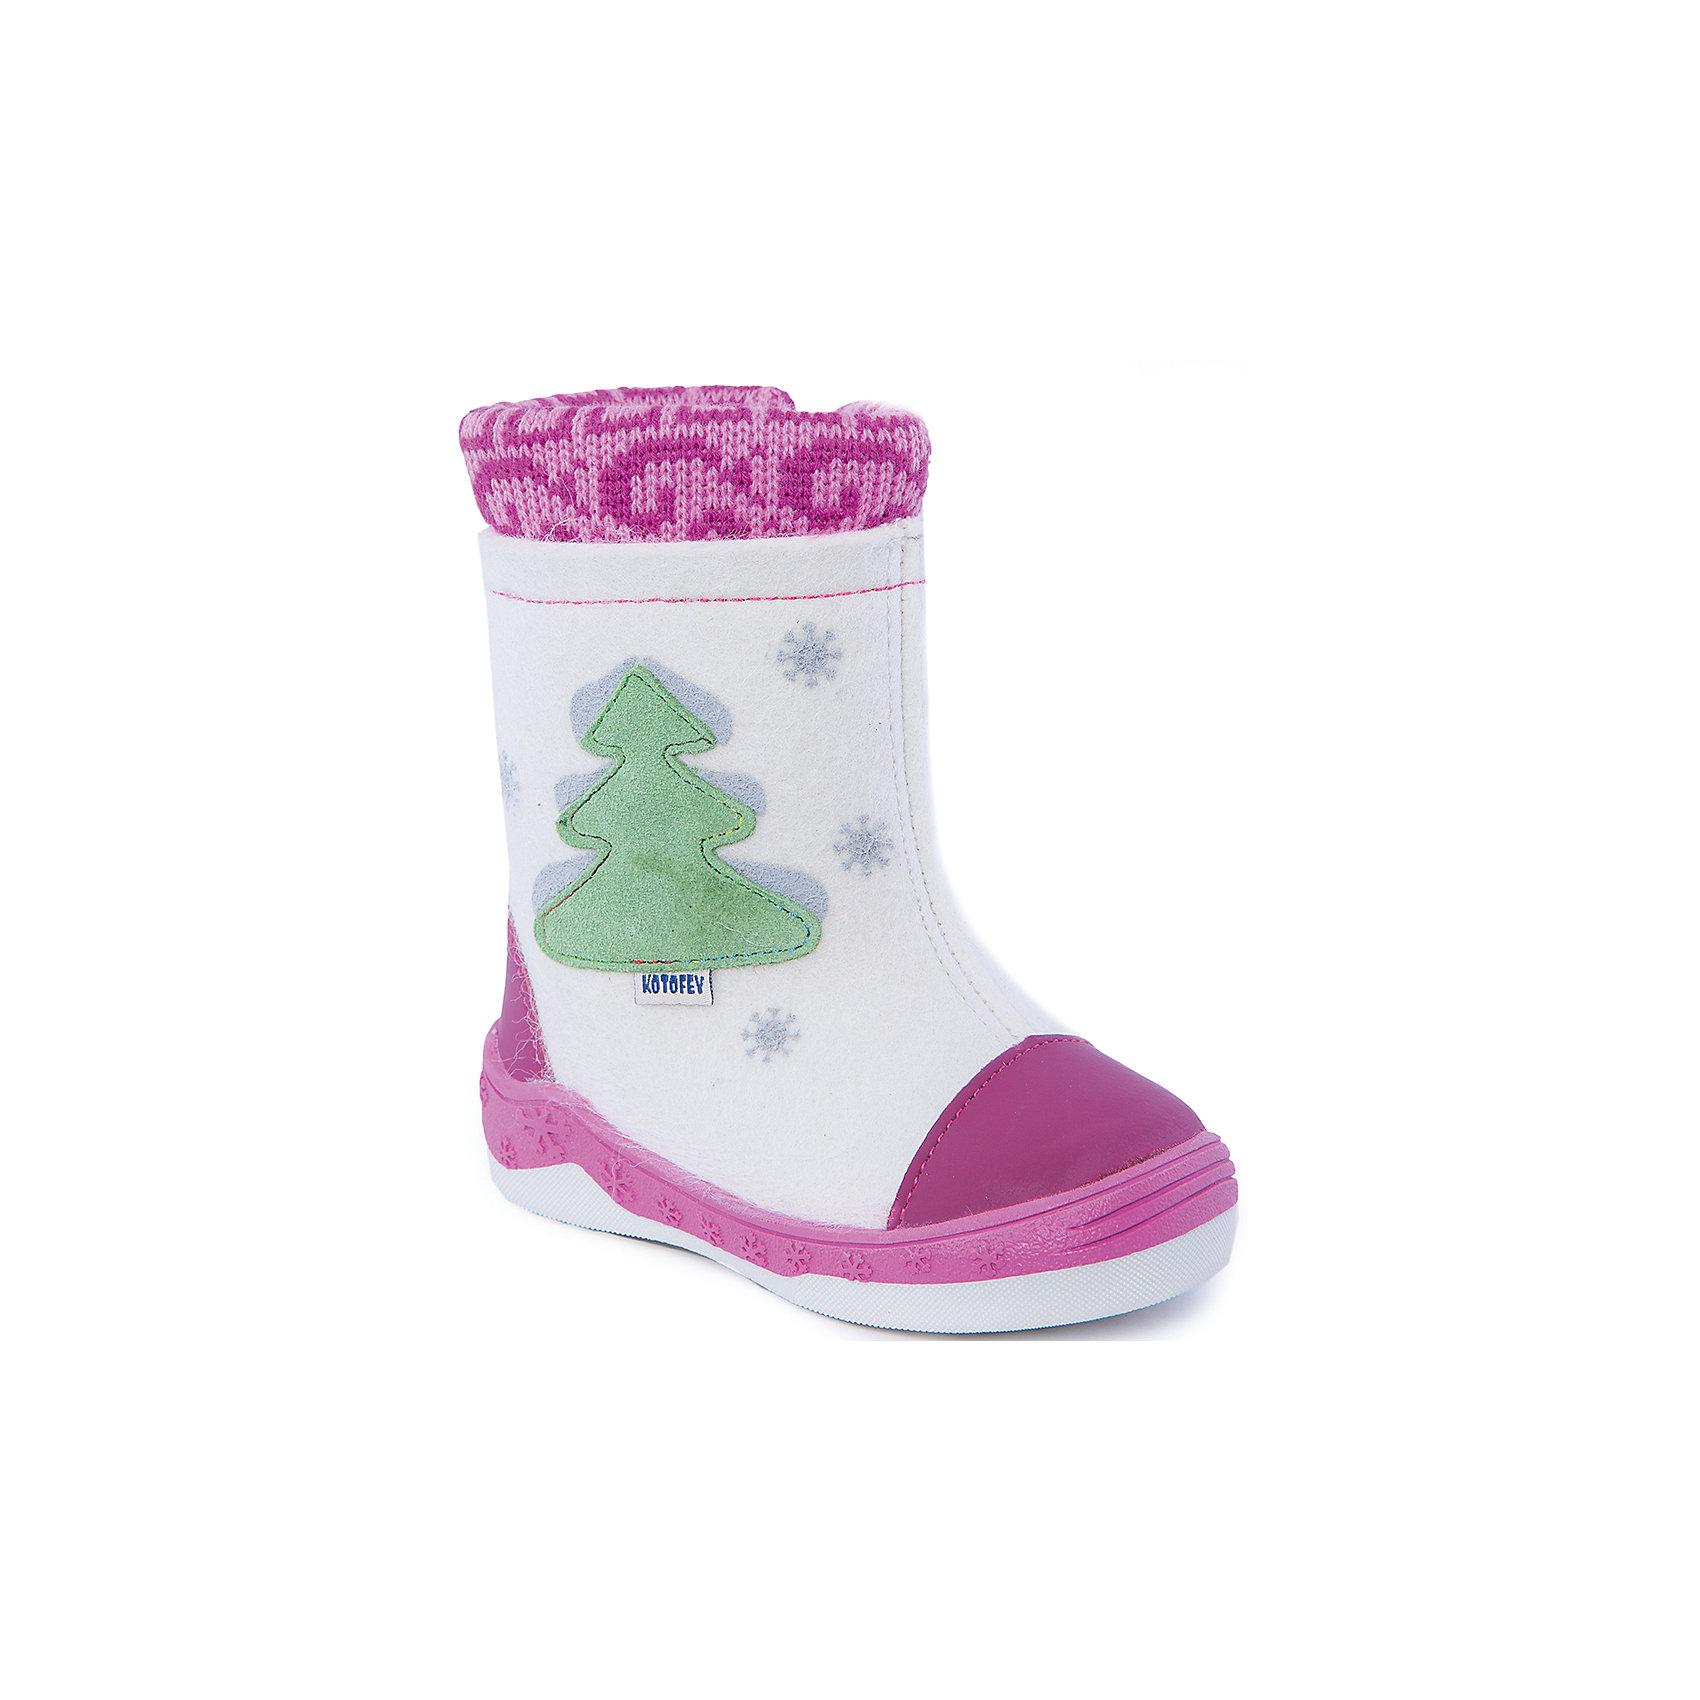 Валенки для девочки КотофейВаленки<br>Валенки для девочки  от известного российского бренда Котофей<br><br>Модные и удобные валенки помогут защитить детские ножки от сырости и холода. Они легко надеваются, комфортно садятся по ноге.<br><br>Особенности модели: <br><br>- цвет - белый, розовый;<br>- аппликация - ёлка;<br>- защита пятки и пальцев;<br>- удобная колодка;<br>- подкладка утепленная;<br>- вид крепления – клеевой;<br>- амортизирующая подошва;<br>- застежка - молния.<br><br>Дополнительная информация:<br><br>Температурный режим: <br><br>от 0° С до -25° С<br><br>Состав:<br>верх – войлок;<br>подкладка - шерстяной мех;<br>подошва - ТЭП.<br><br>Валенки для девочки Котофей можно купить в нашем магазине.<br><br>Ширина мм: 257<br>Глубина мм: 180<br>Высота мм: 130<br>Вес г: 420<br>Цвет: белый<br>Возраст от месяцев: 18<br>Возраст до месяцев: 21<br>Пол: Женский<br>Возраст: Детский<br>Размер: 23,26,25,24<br>SKU: 4315278